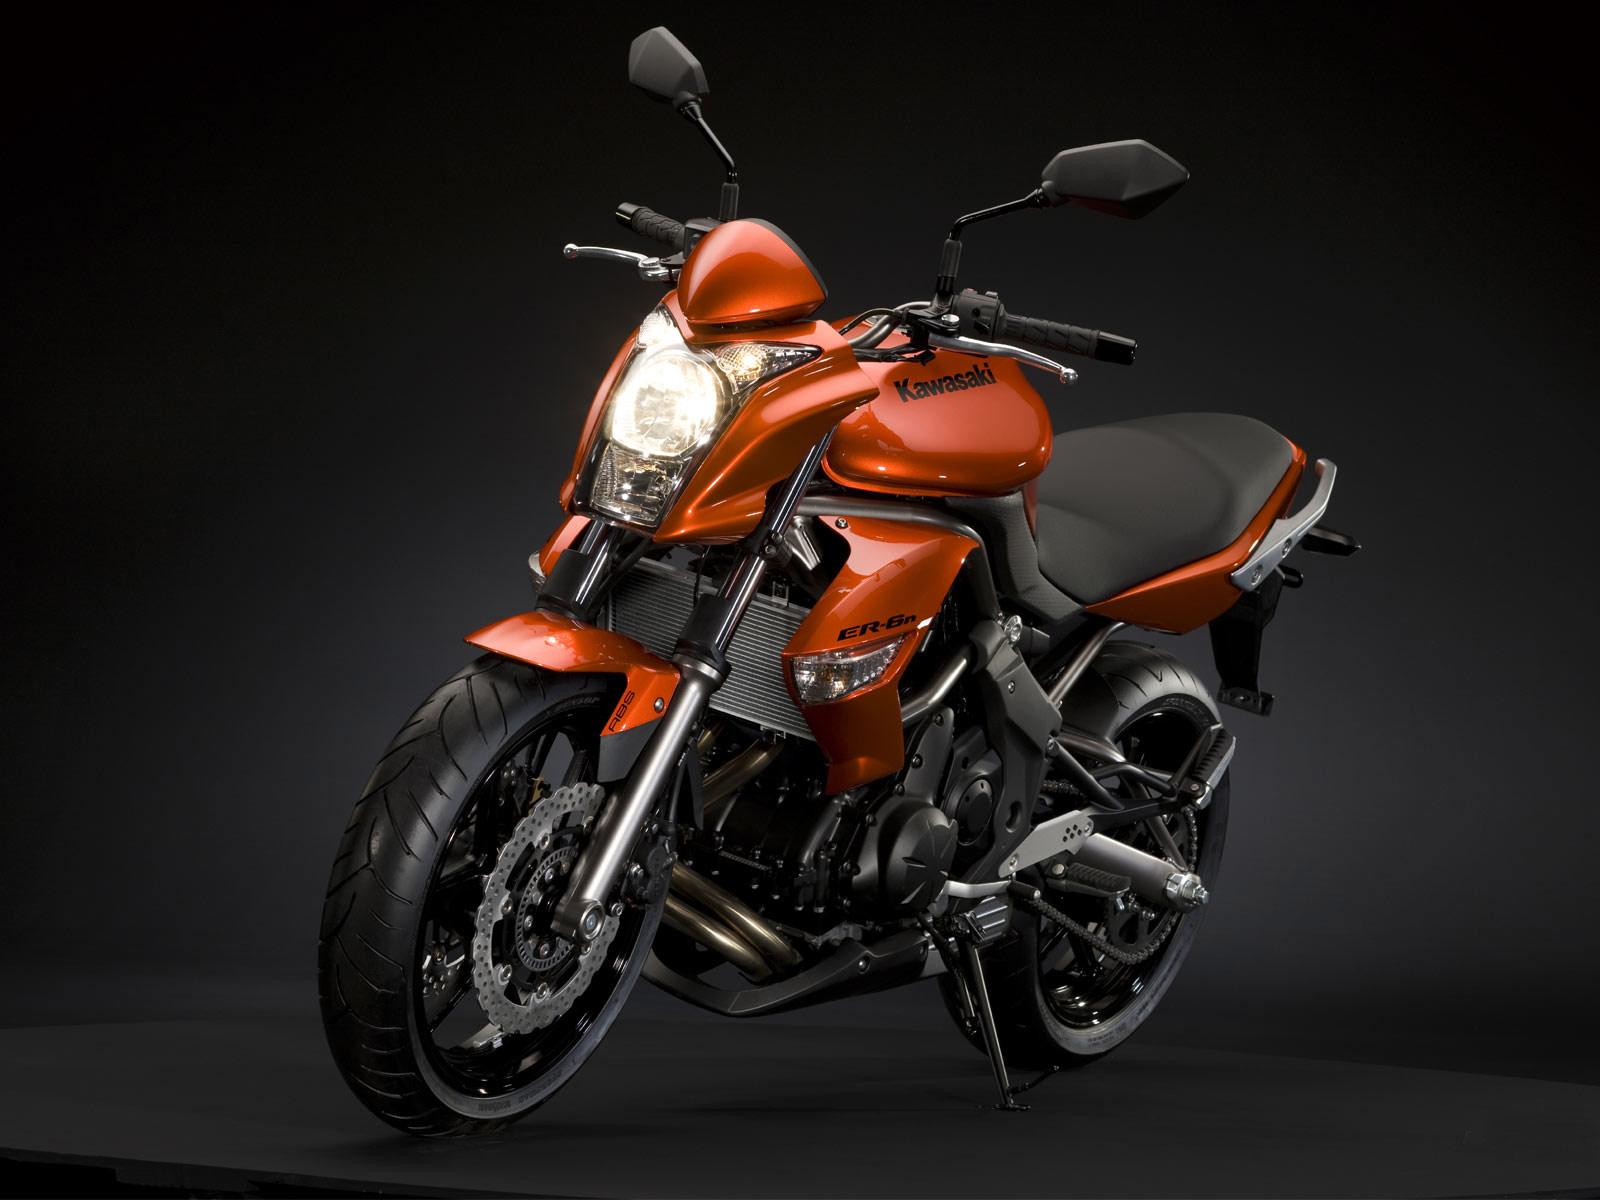 Motorcycle Insurance and Wallpapers: 2009 KAWASAKI ER-6n